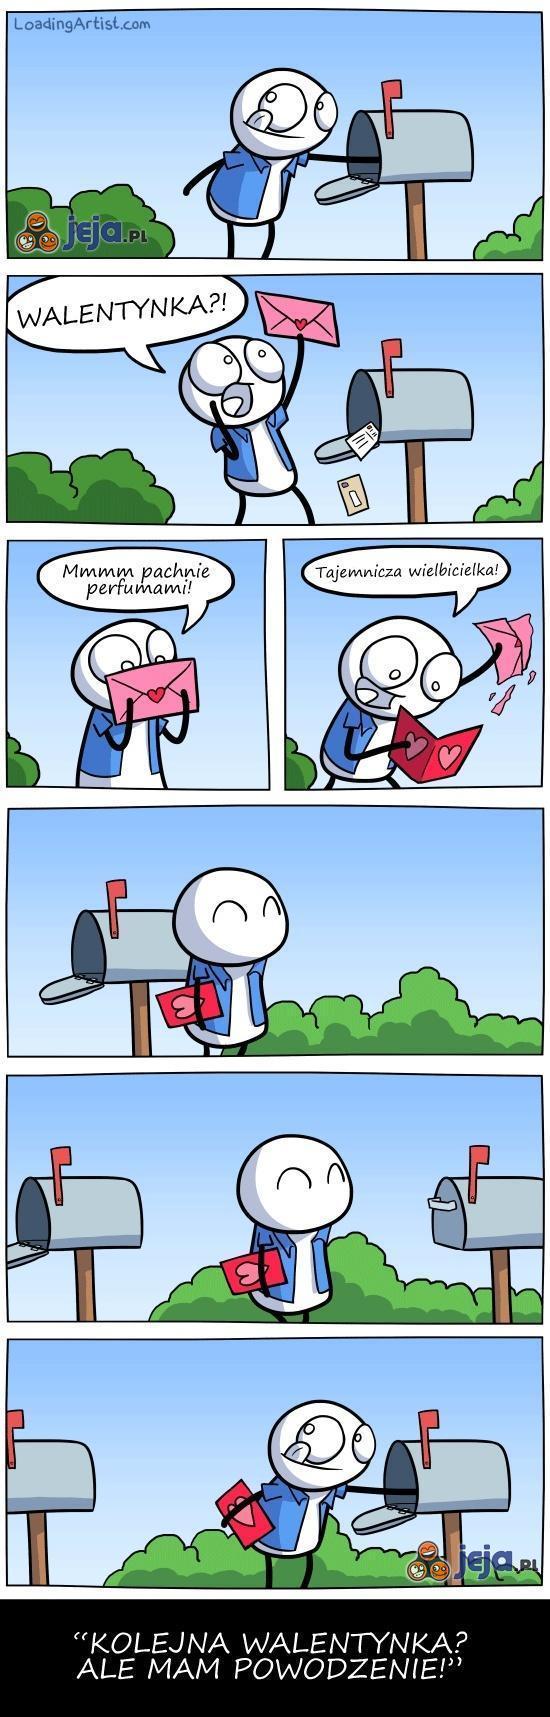 Walentynkowy złodziej